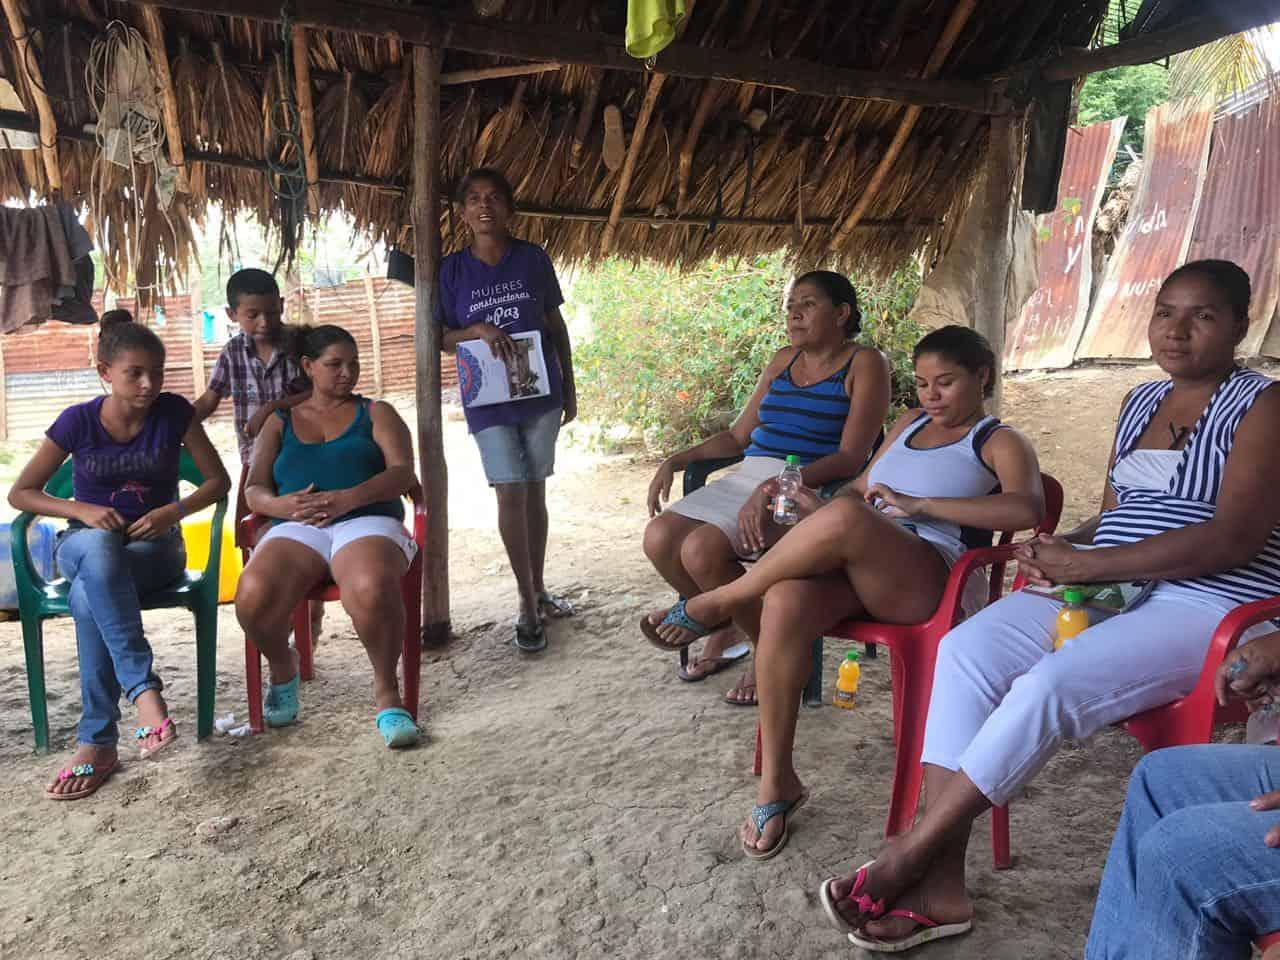 Harina de yuca ,empoderamiento femenino en Montes de María